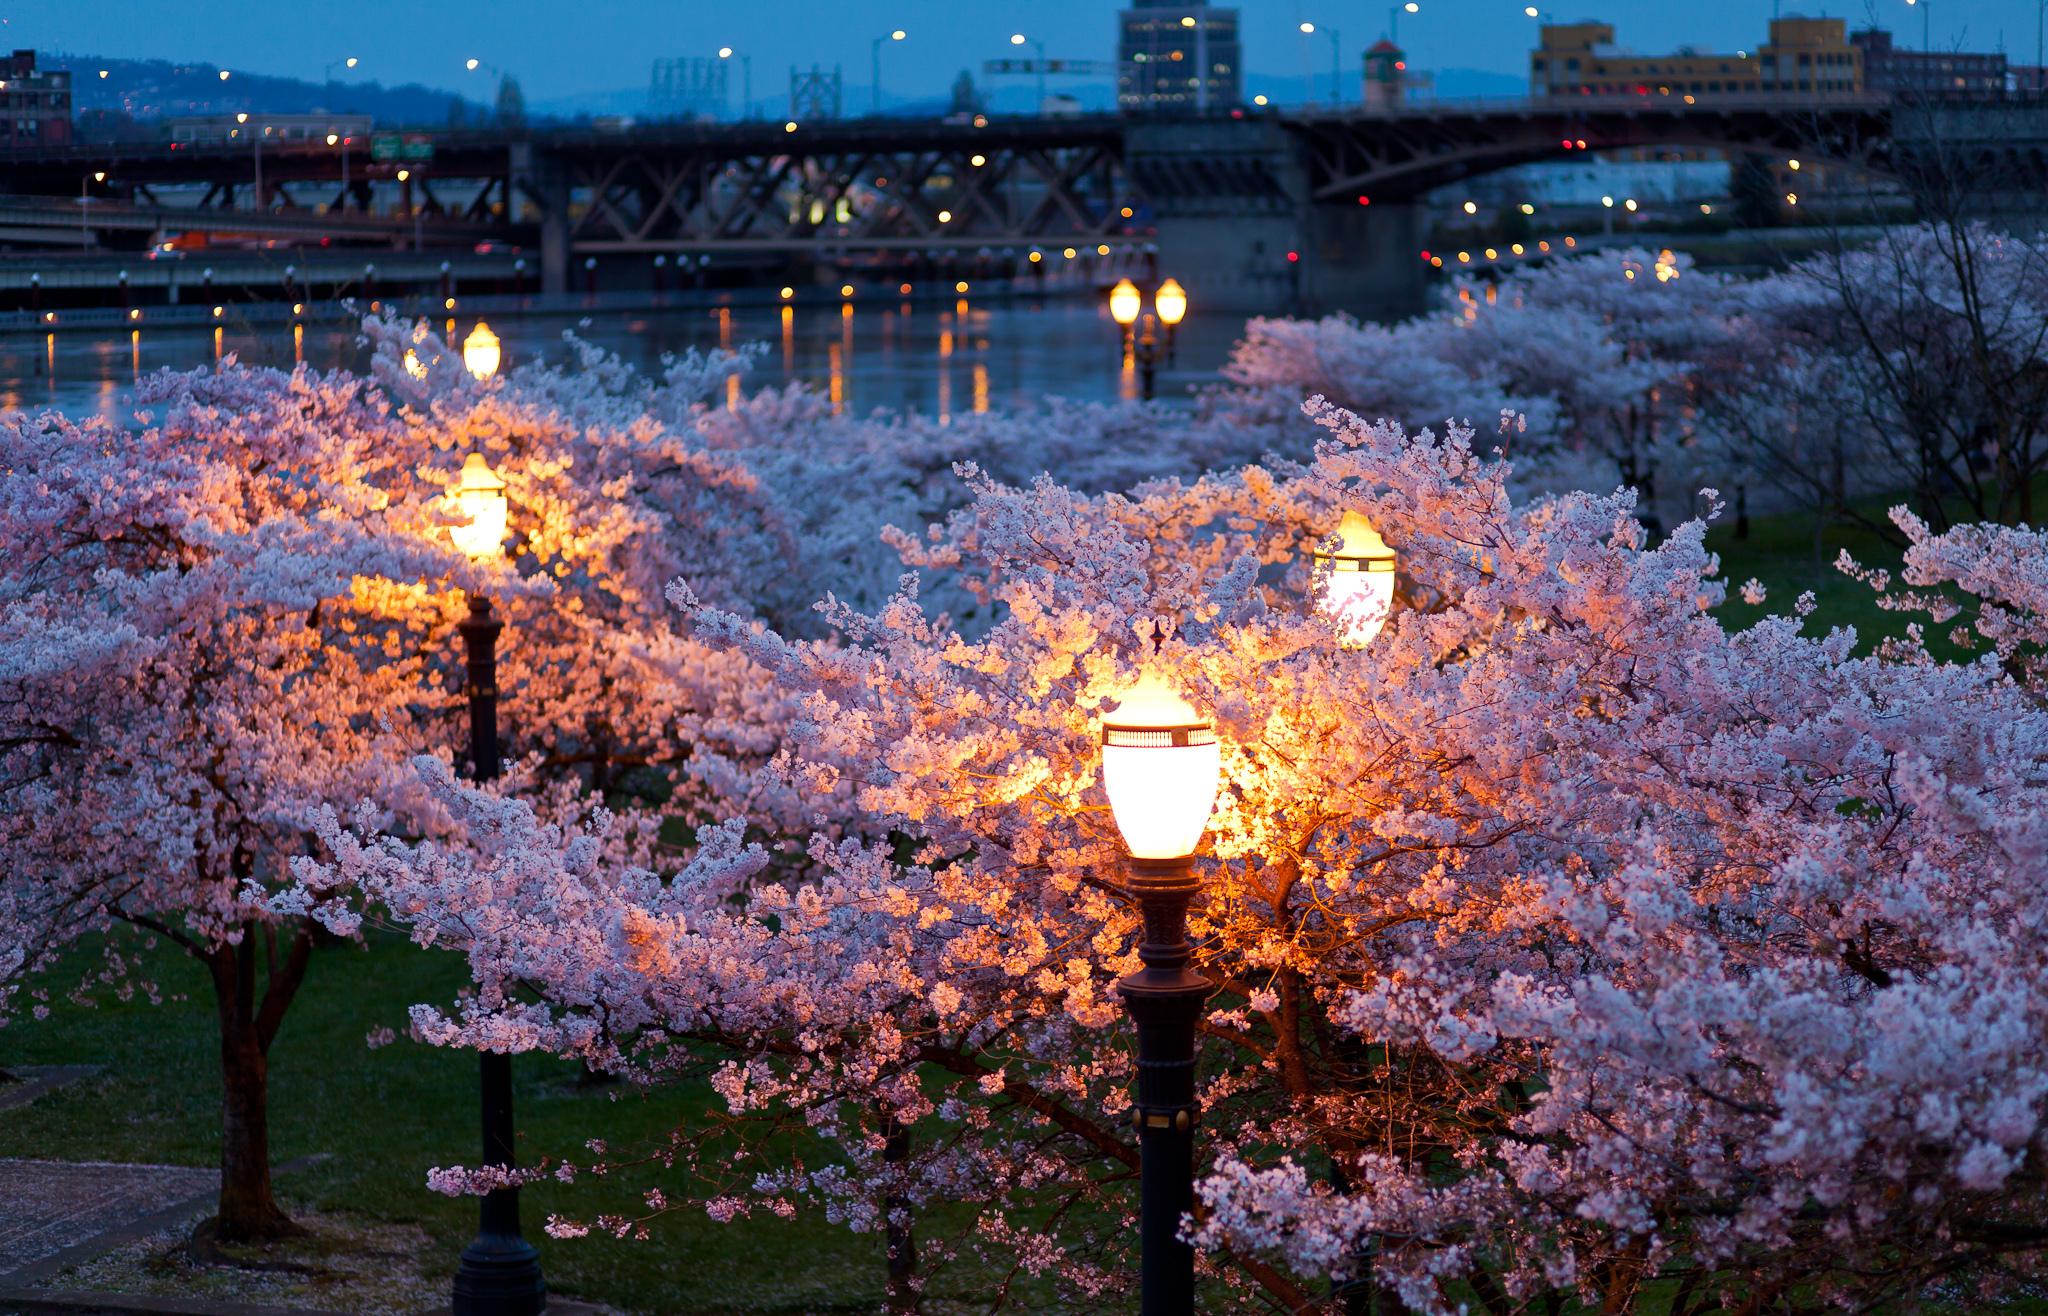 страны архитектура природа деревья ночь  № 3716912 загрузить